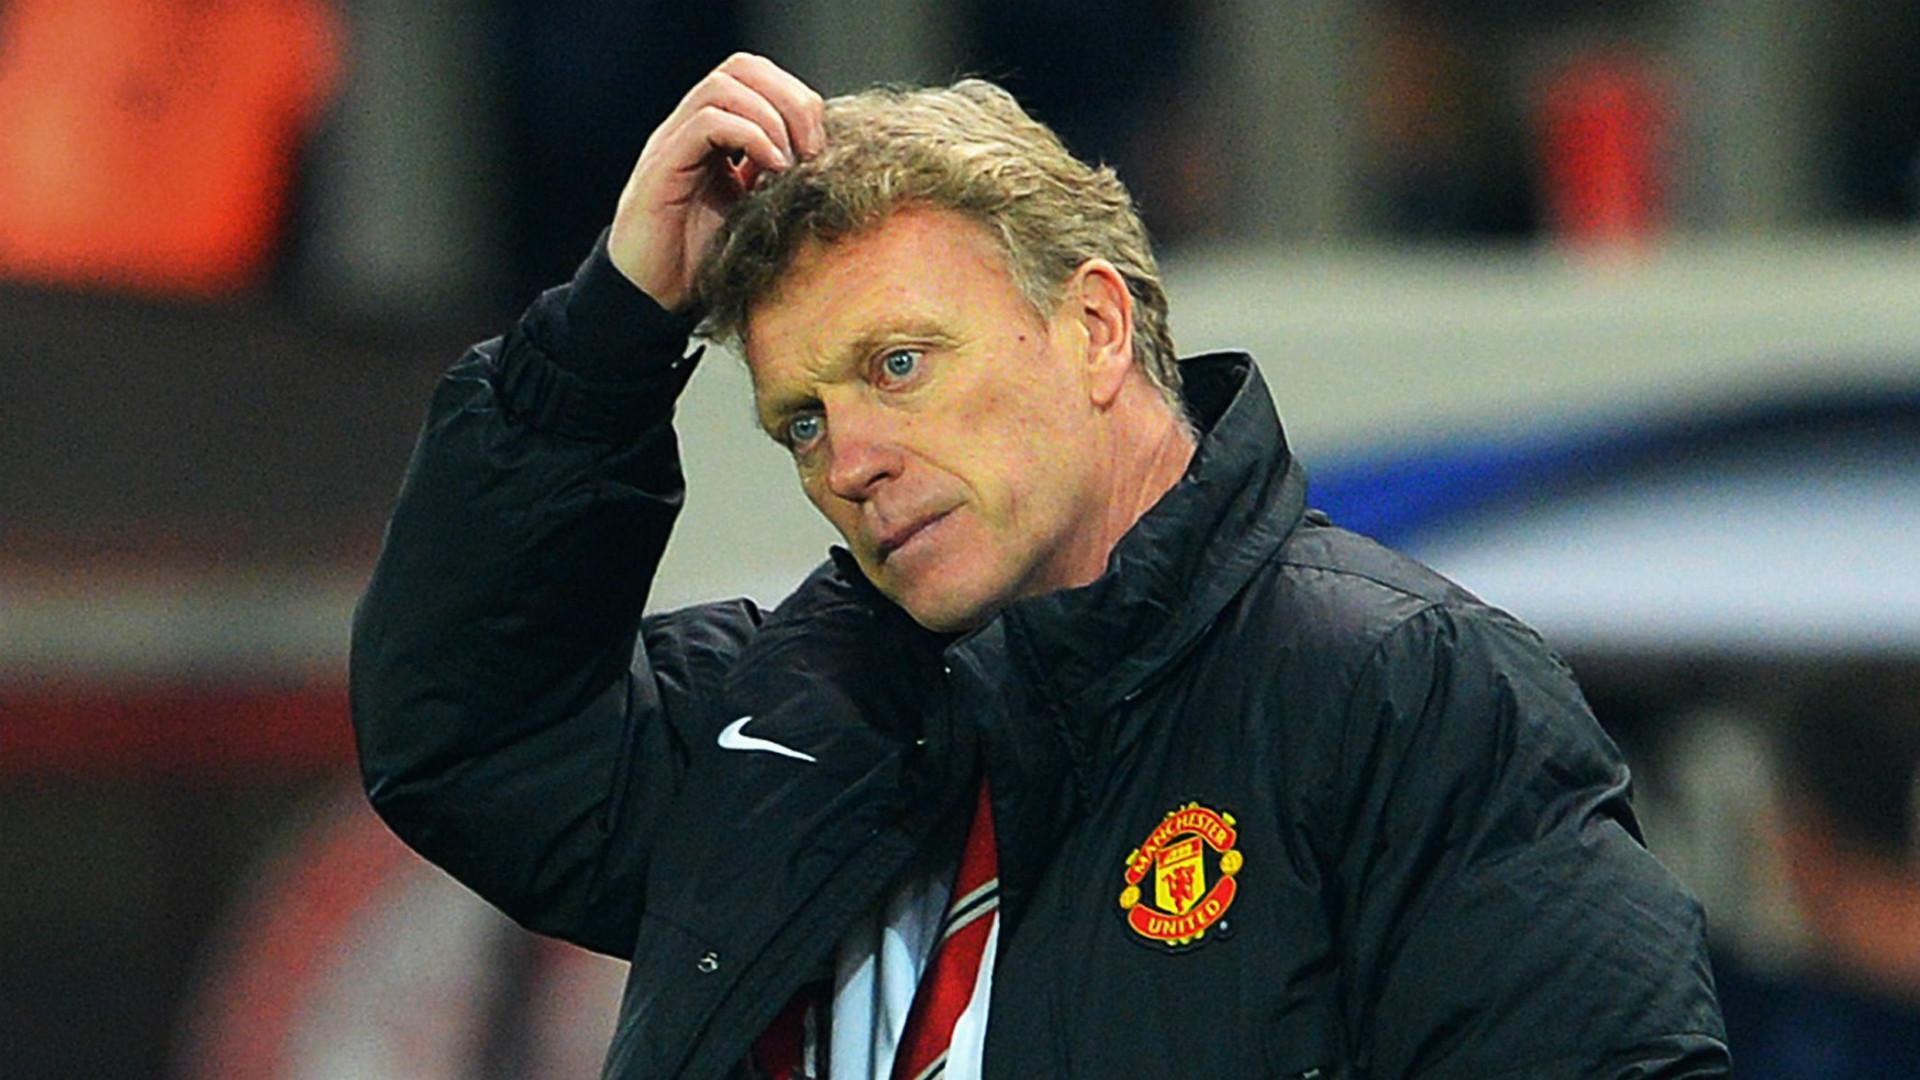 West Ham annonce le départ de David Moyes — Officiel